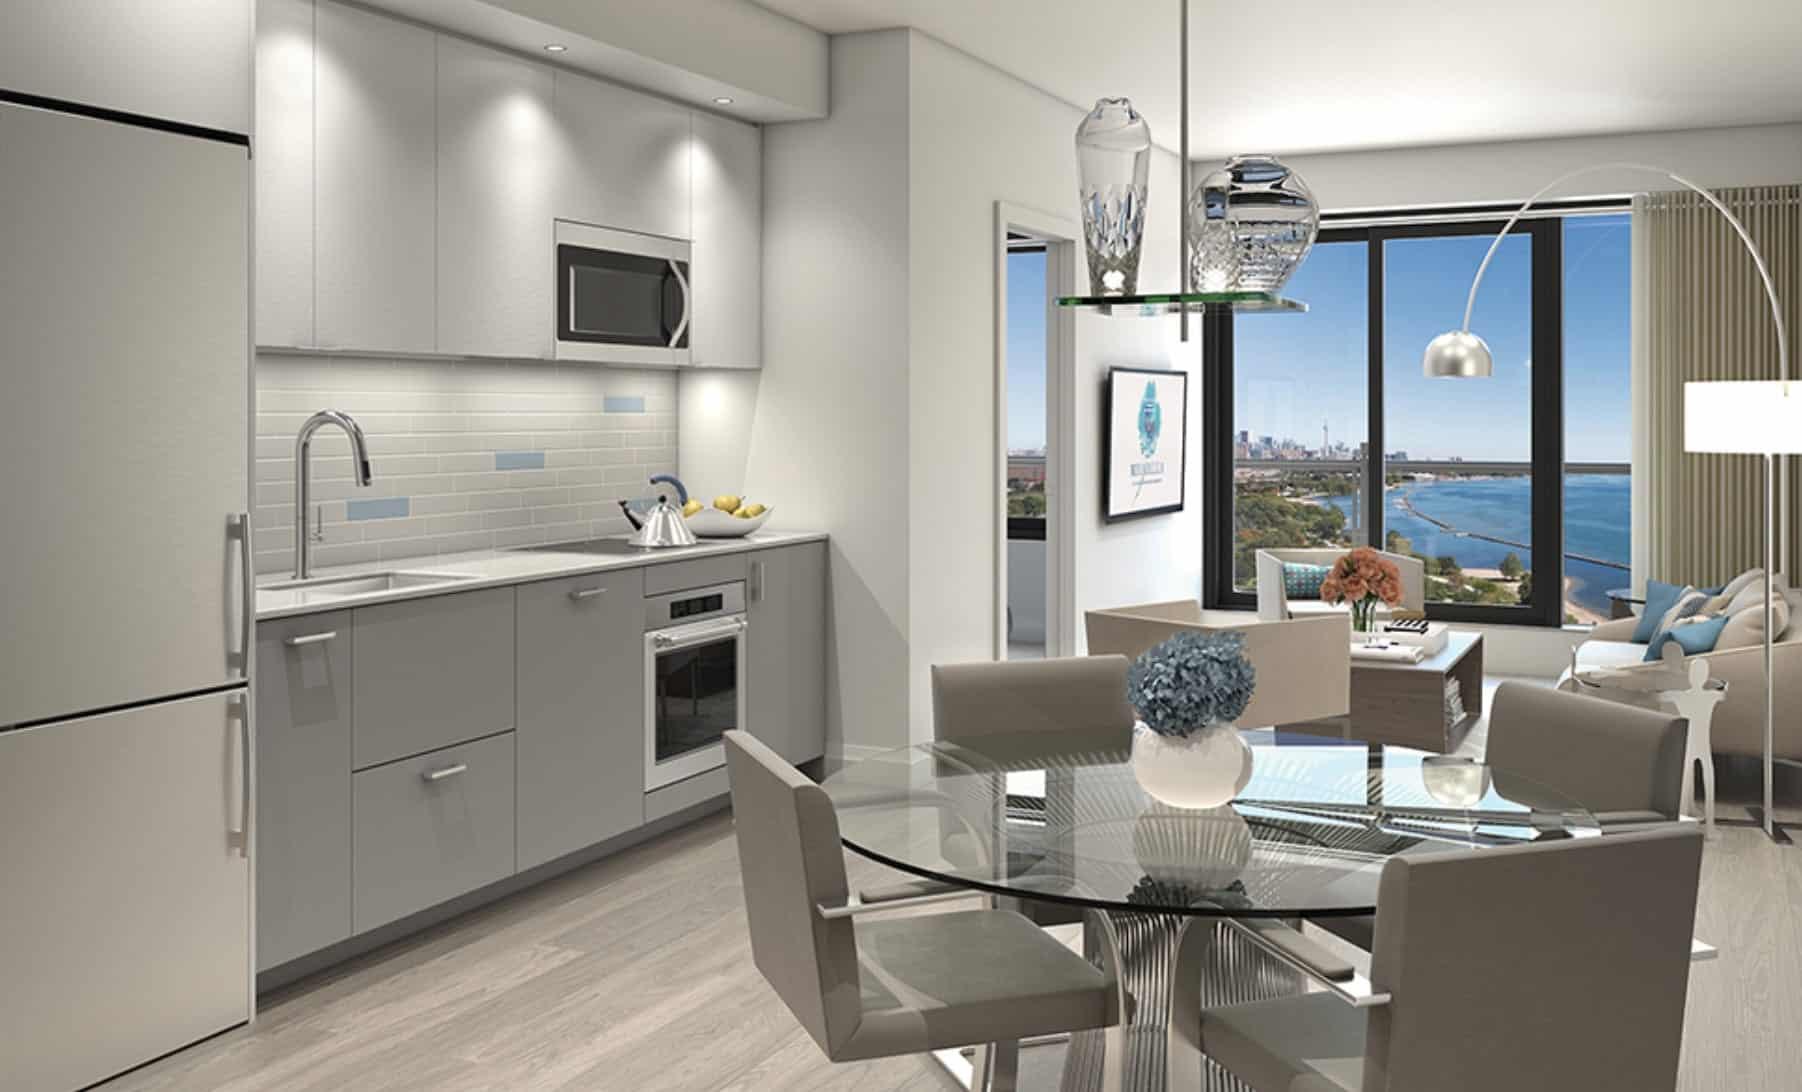 Mirabella Condos West Tower Interior Kitchen True Condos